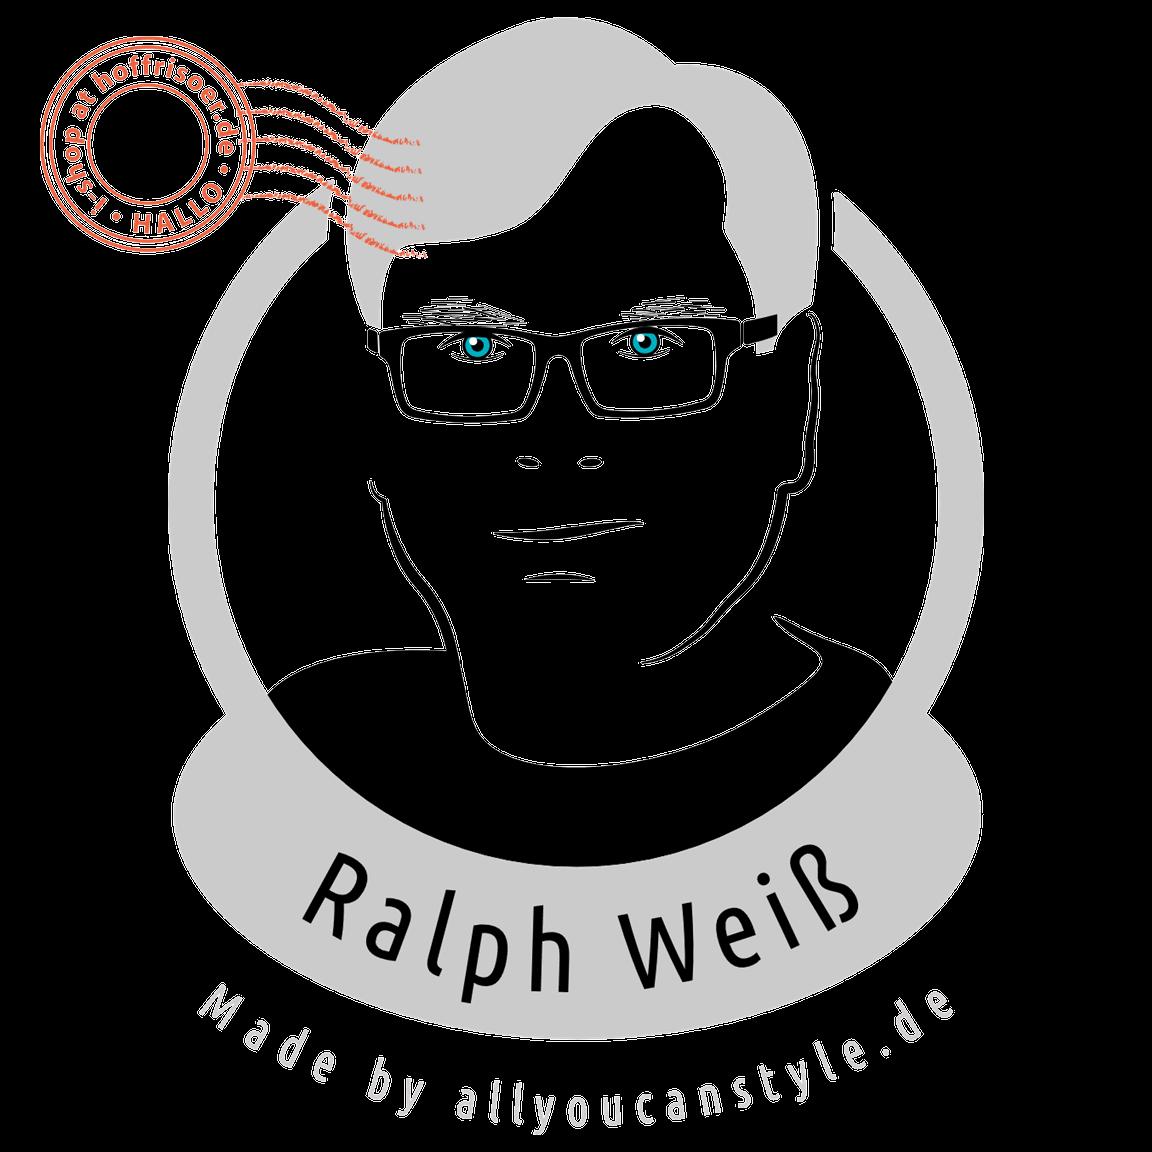 ralph-weiss-frankfurt-baltique